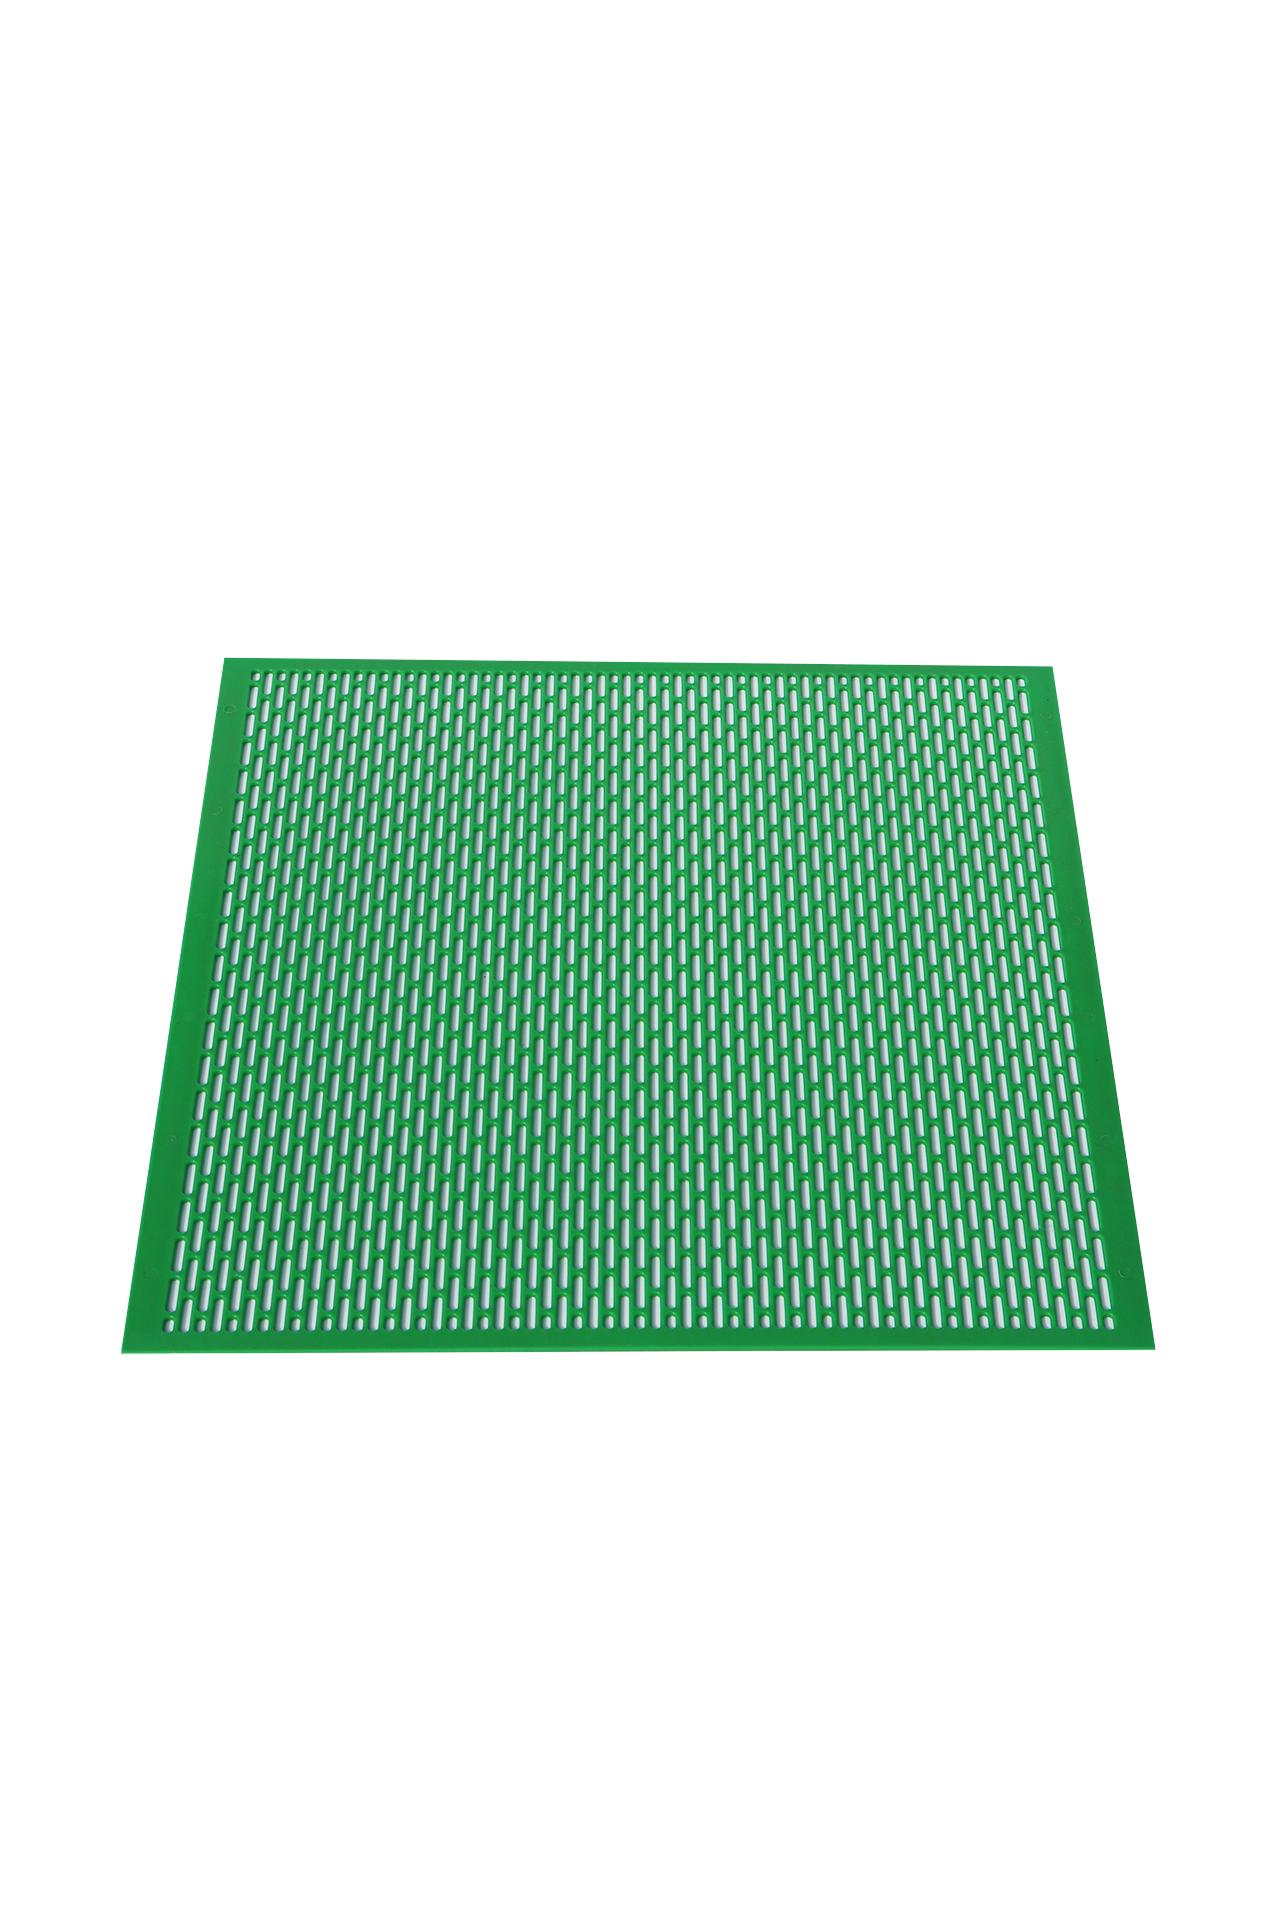 PVC koninginnerooster 460 x 460 mm-1